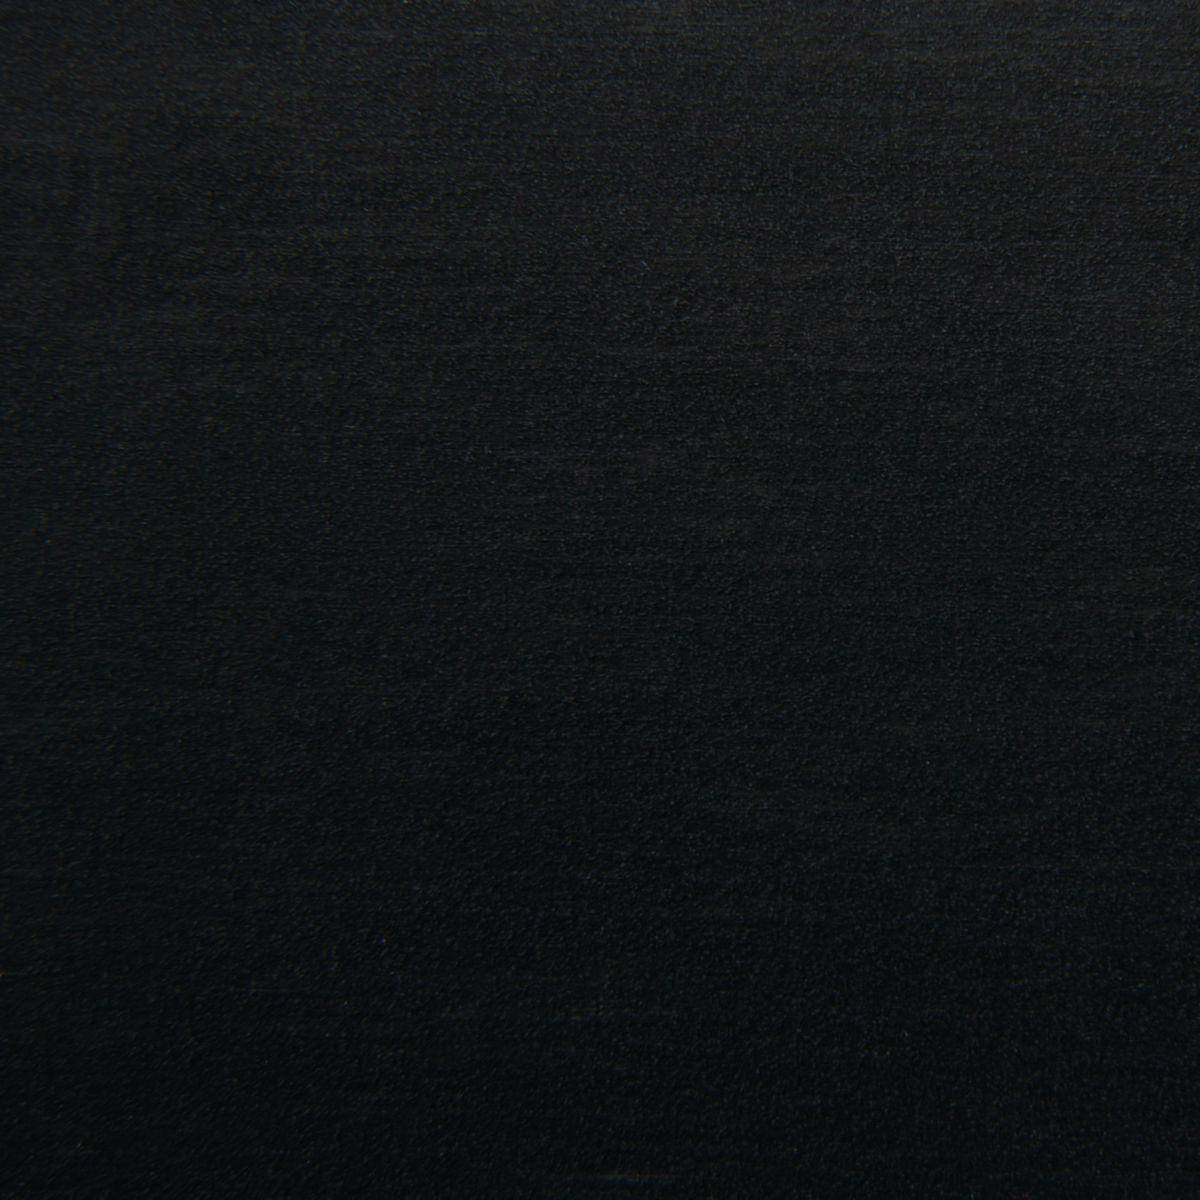 Gouttière chromo 7016 anthracite dév.33 lg 6 m ap